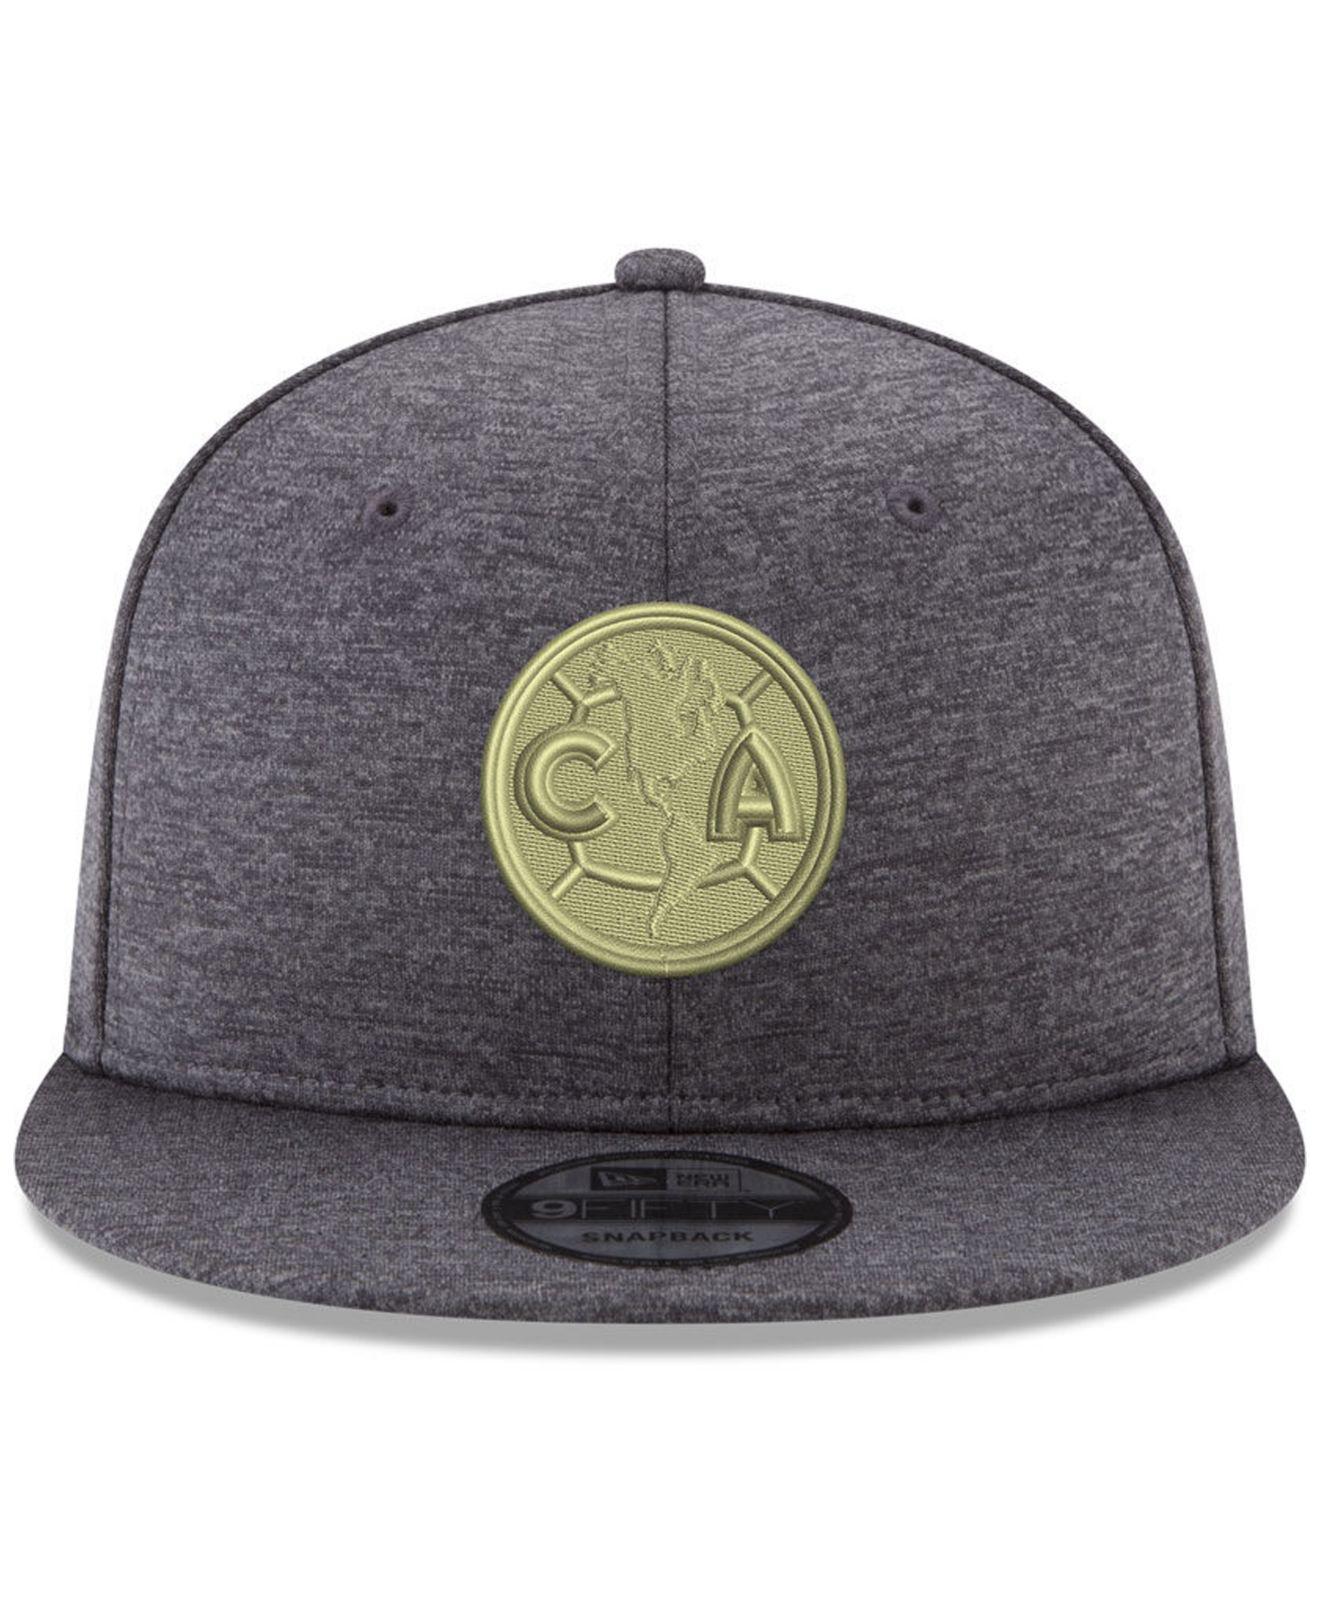 11a61fda2b6 Lyst - KTZ Club America Fashion 9fifty Snapback Cap in Black for Men